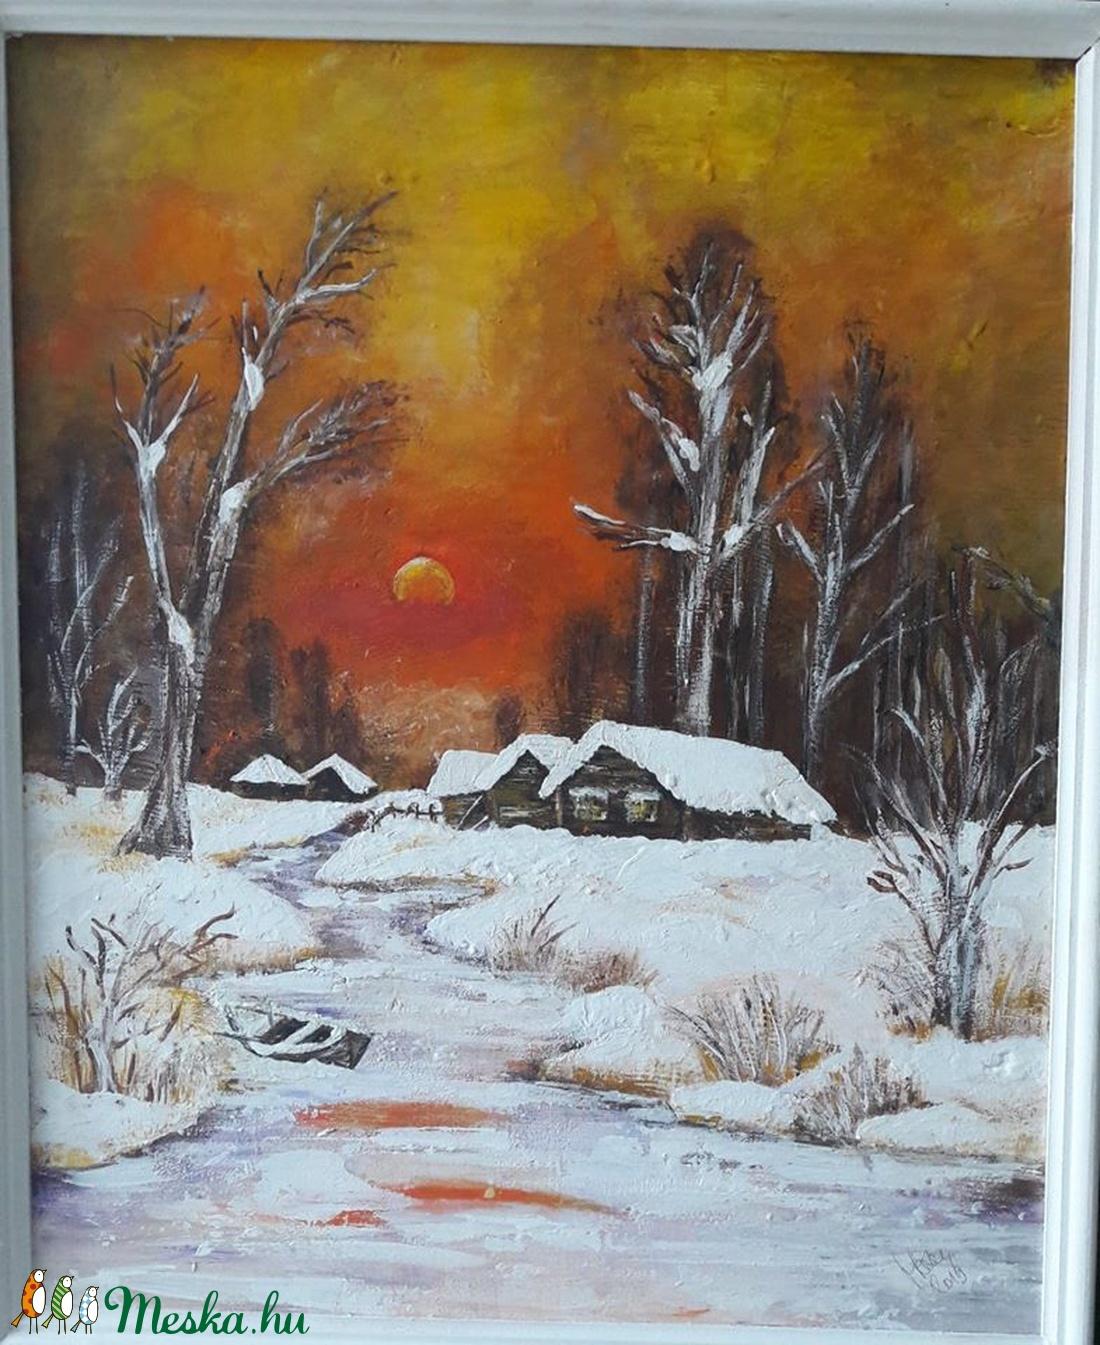 Tél - Jég - Szép - akril festmény - művészet - festmény - akril - Meska.hu